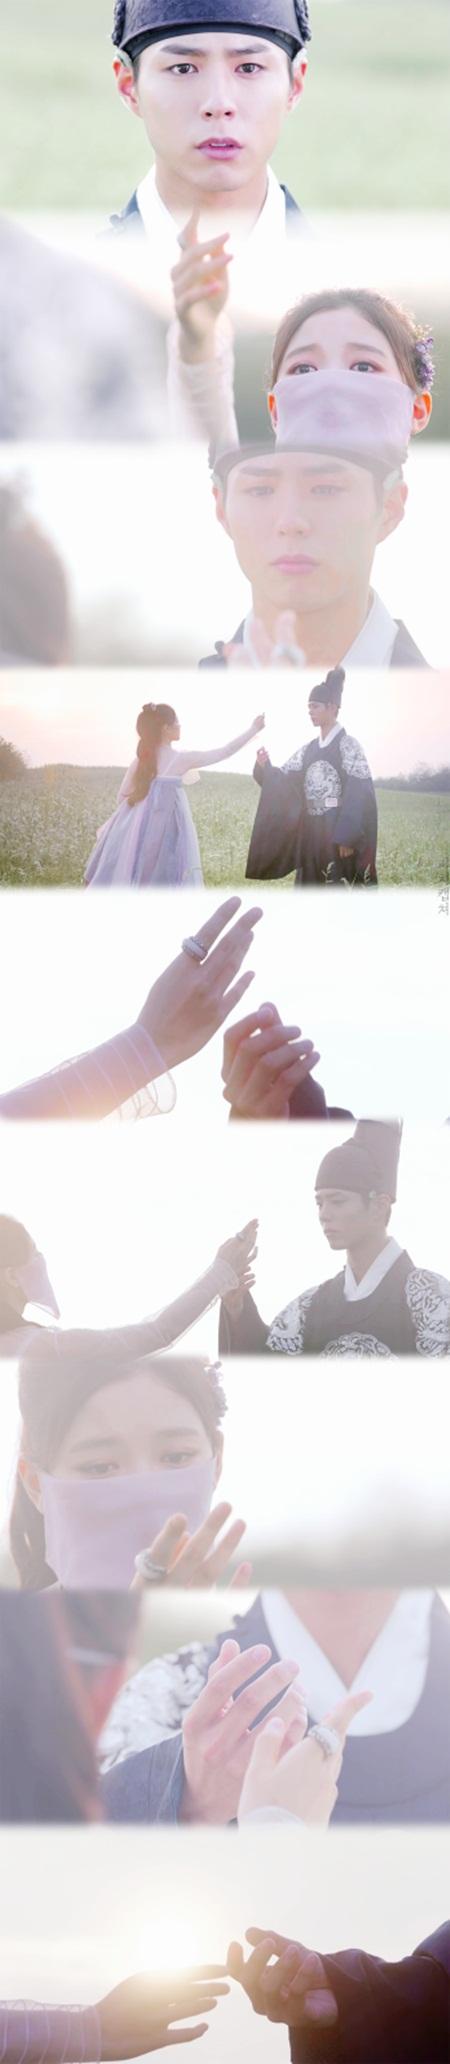 """Diễn xuất mê hoặc của Kim Yoo Jung trong """"Mây họa ánh trăng"""" chinh phục khán giả - Ảnh 6"""